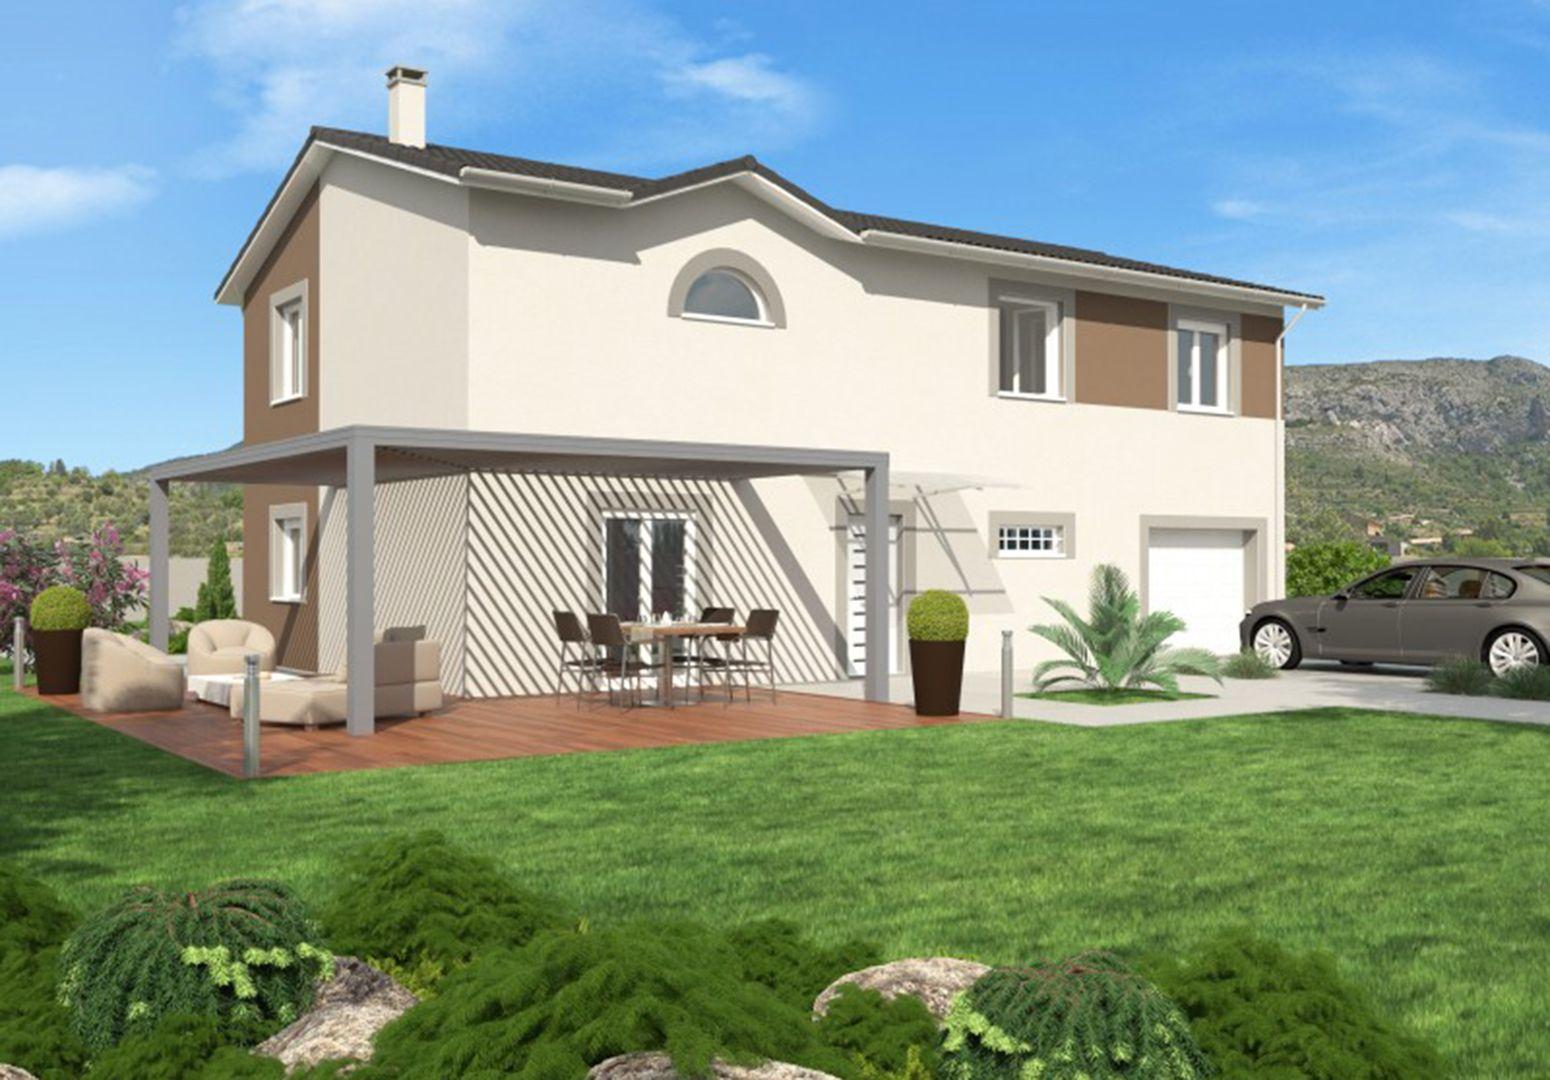 Maison 89 m² avec terrain à SAINTE-ANNE-SUR-GERVONDE (38) 1